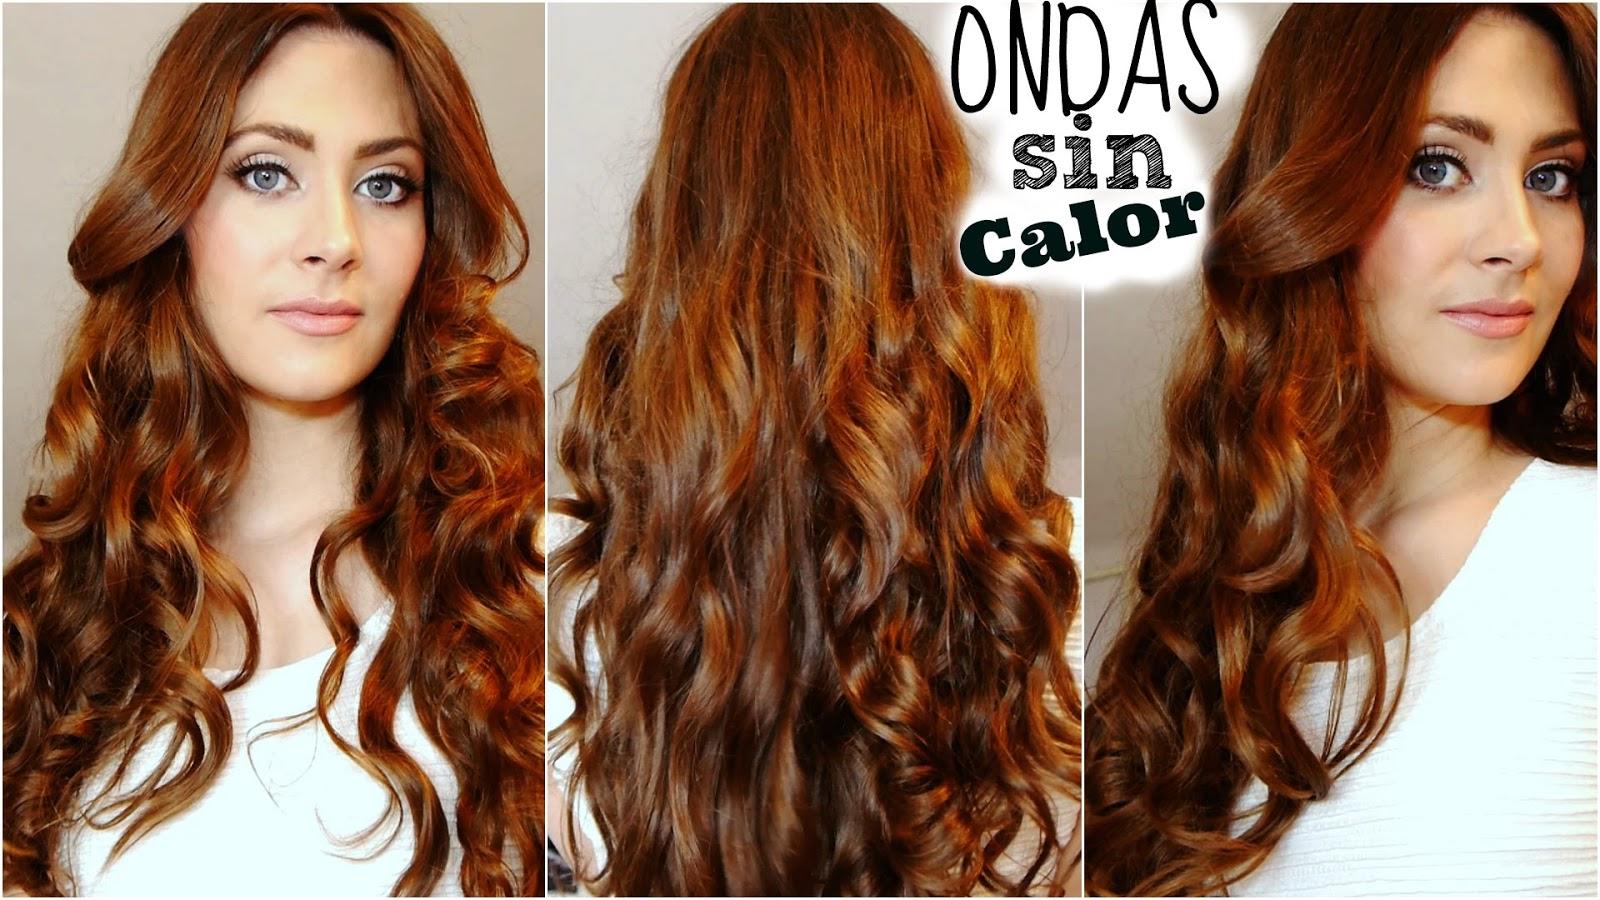 Imágenes de peinados ondas sin plancha - Peinados Ondas Sin Plancha